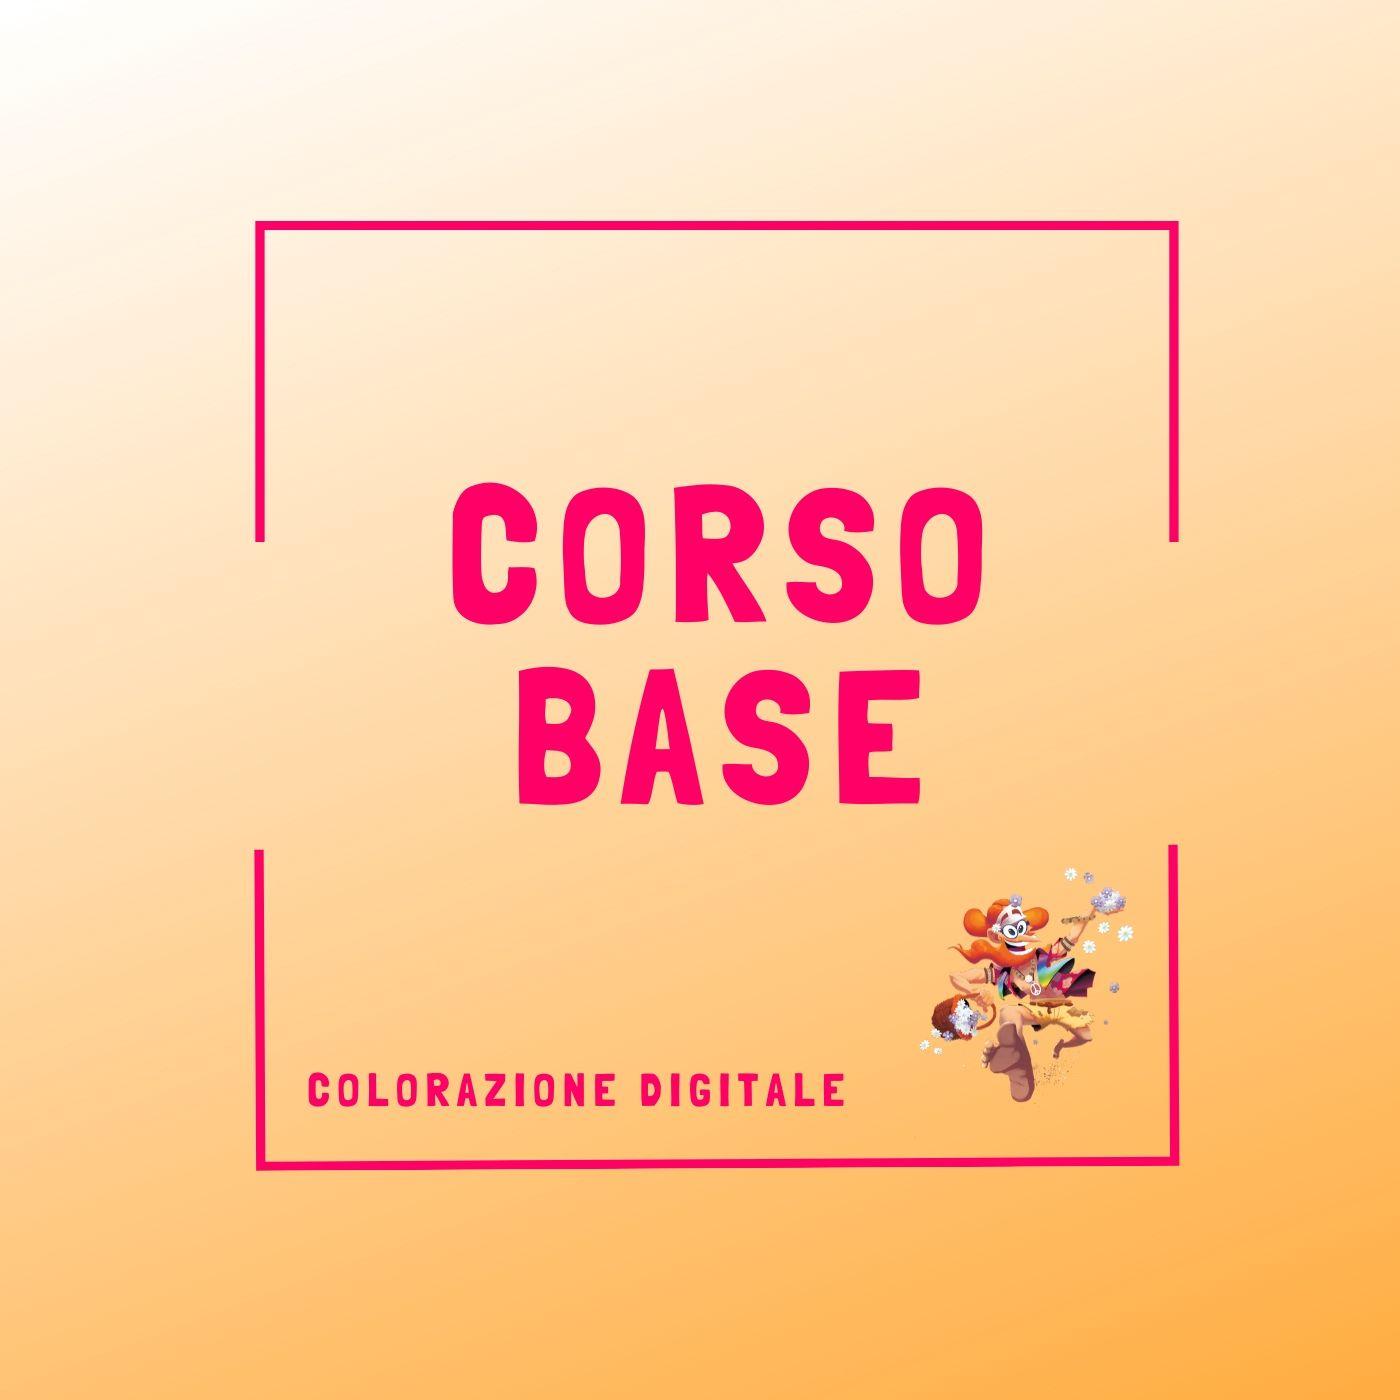 Corso Base di Colorazione Digitale